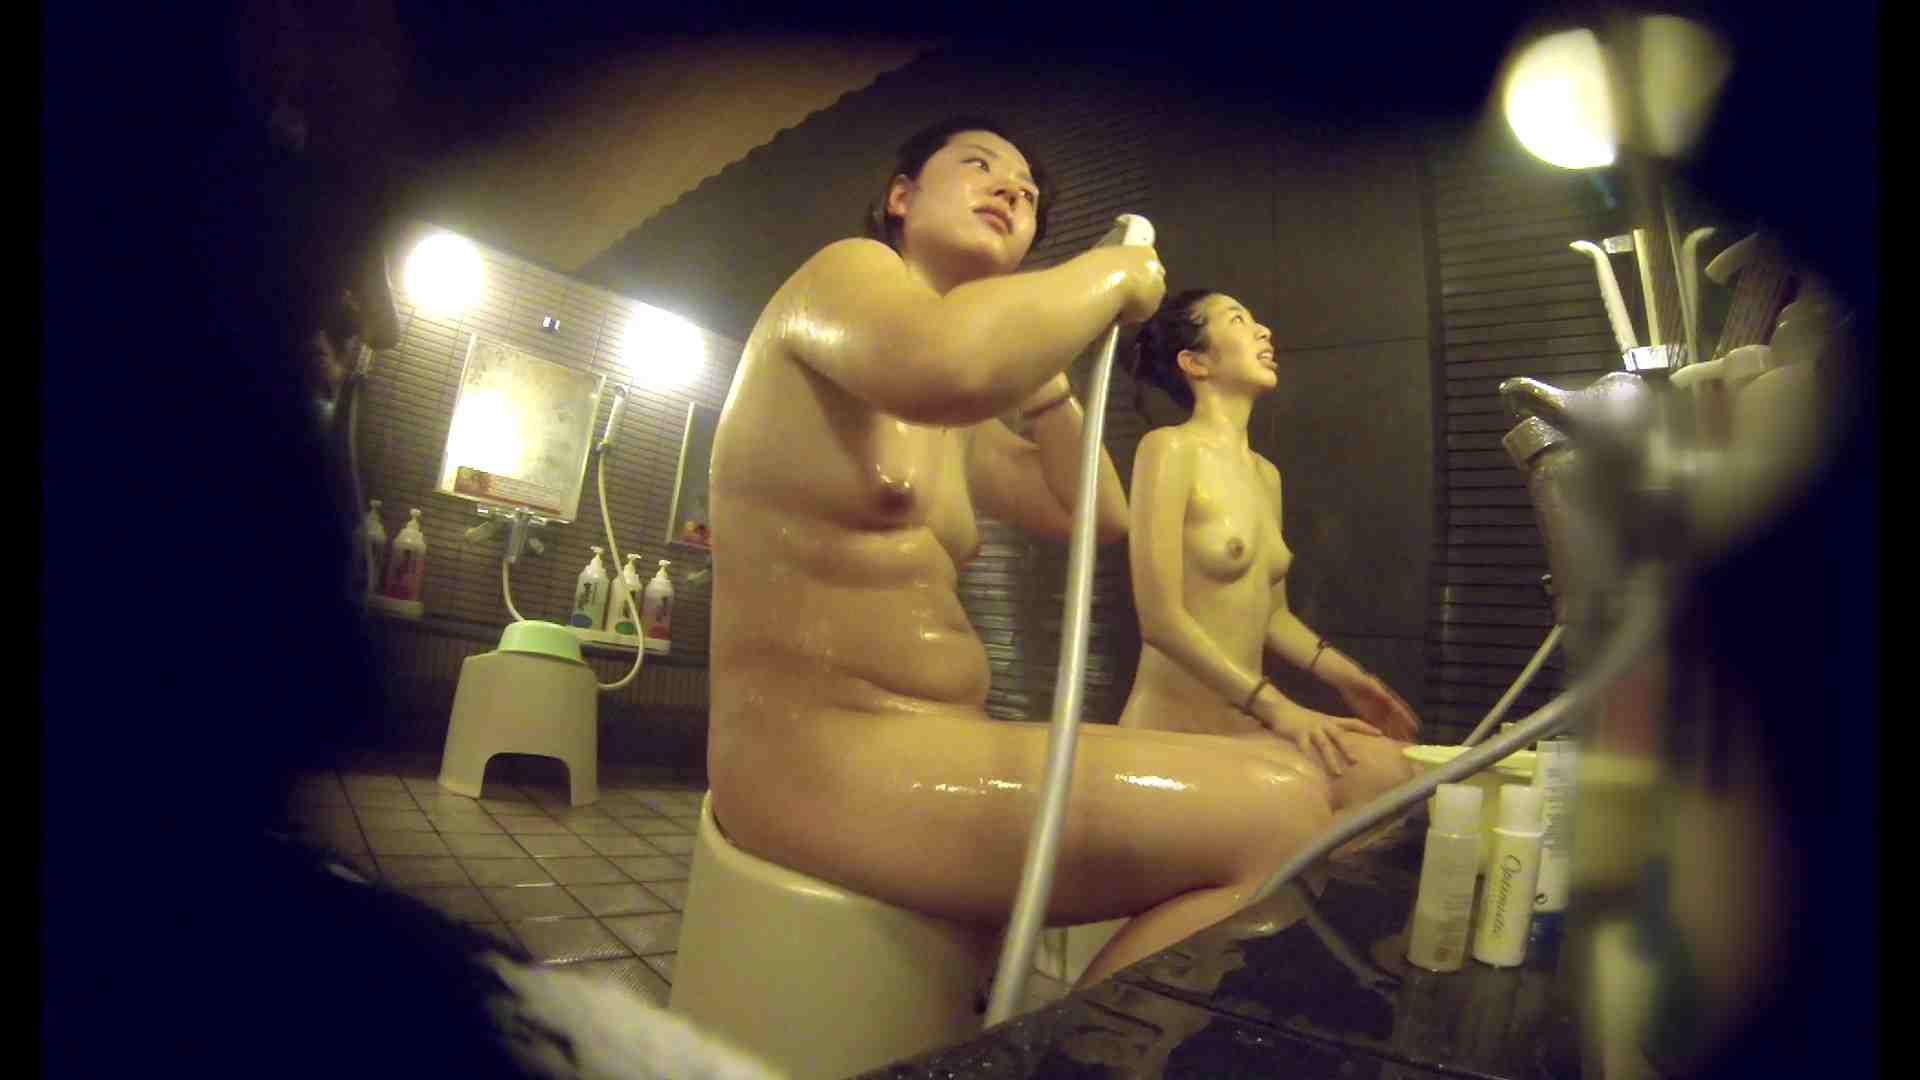 洗い場!んーーー残念なボディです。痩せれば抱けるかも? 潜入 | 銭湯  38pic 23